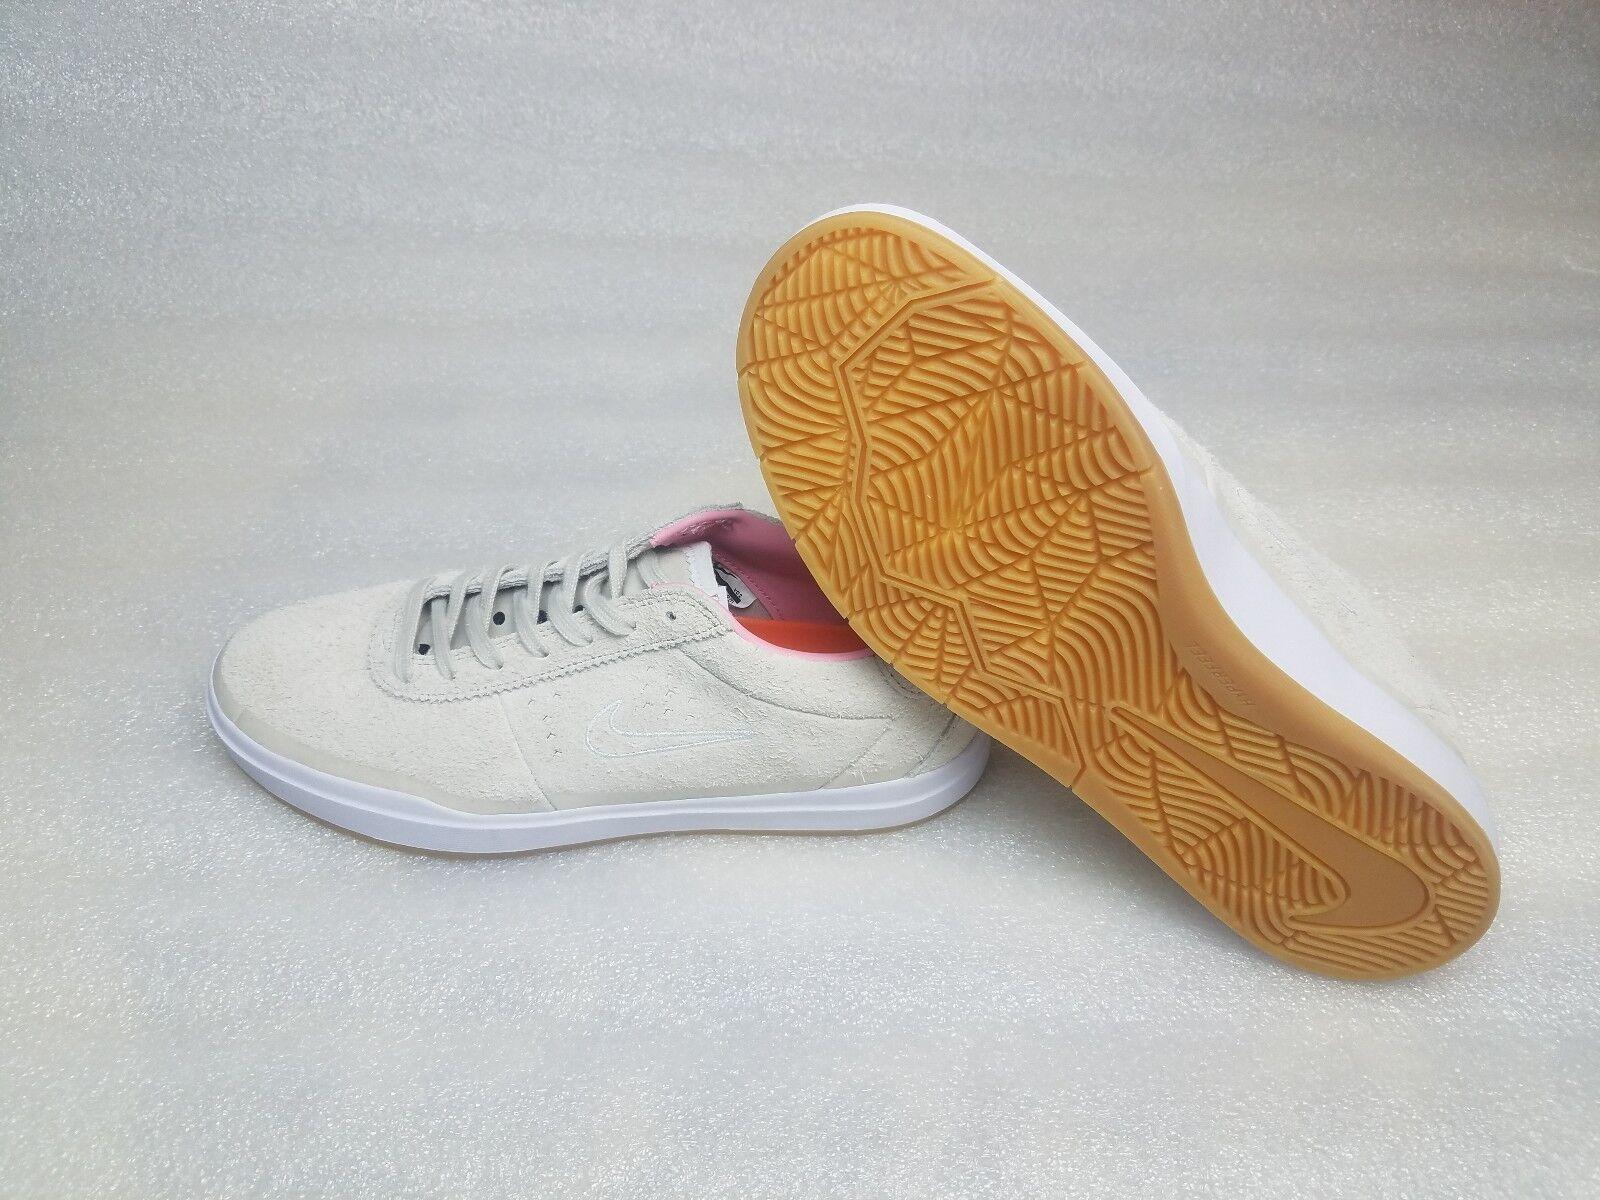 Nike SB Bruin Hyperfeel Quarter Snacks Birch Pink White Gum Size 8 869767-218